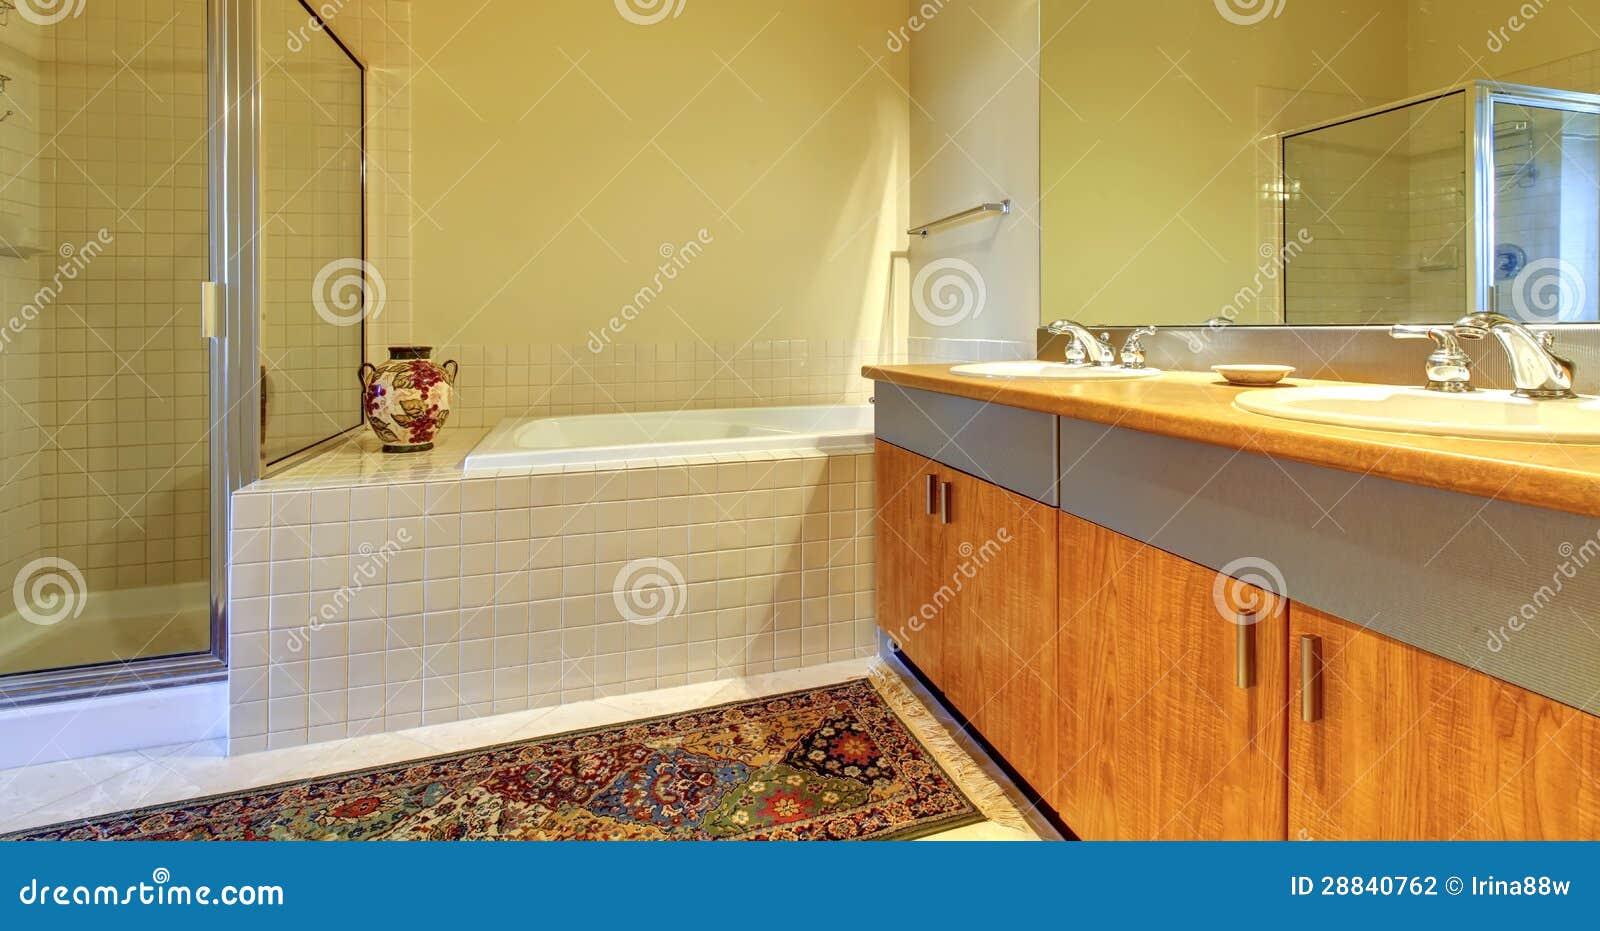 Bagno con i gabinetti la vasca e la doccia di legno - Bagno moderno con vasca ...